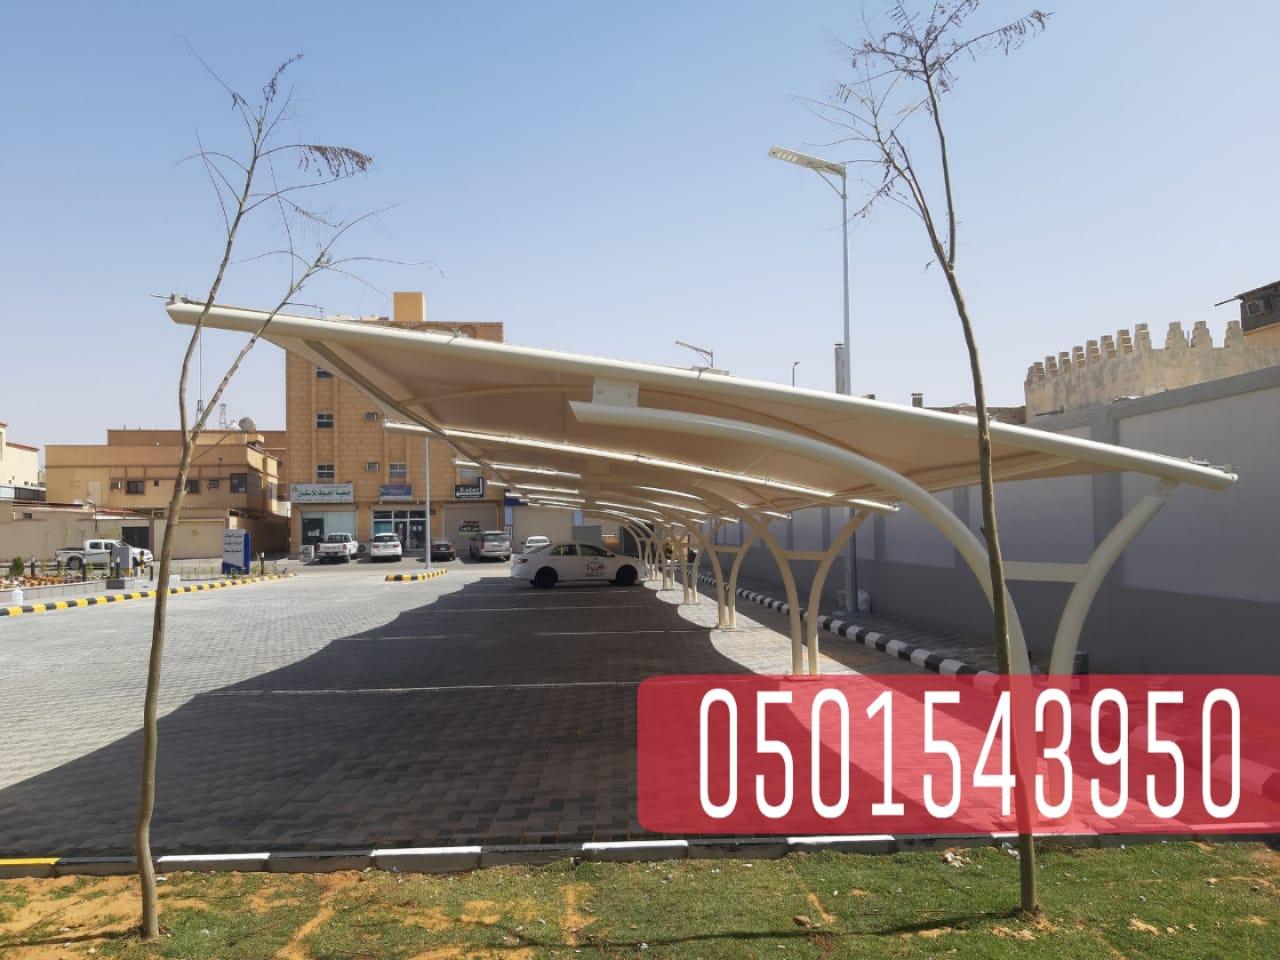 تركيب مظلات سيارات في جدة , 0501543950 P_20863u6ma9